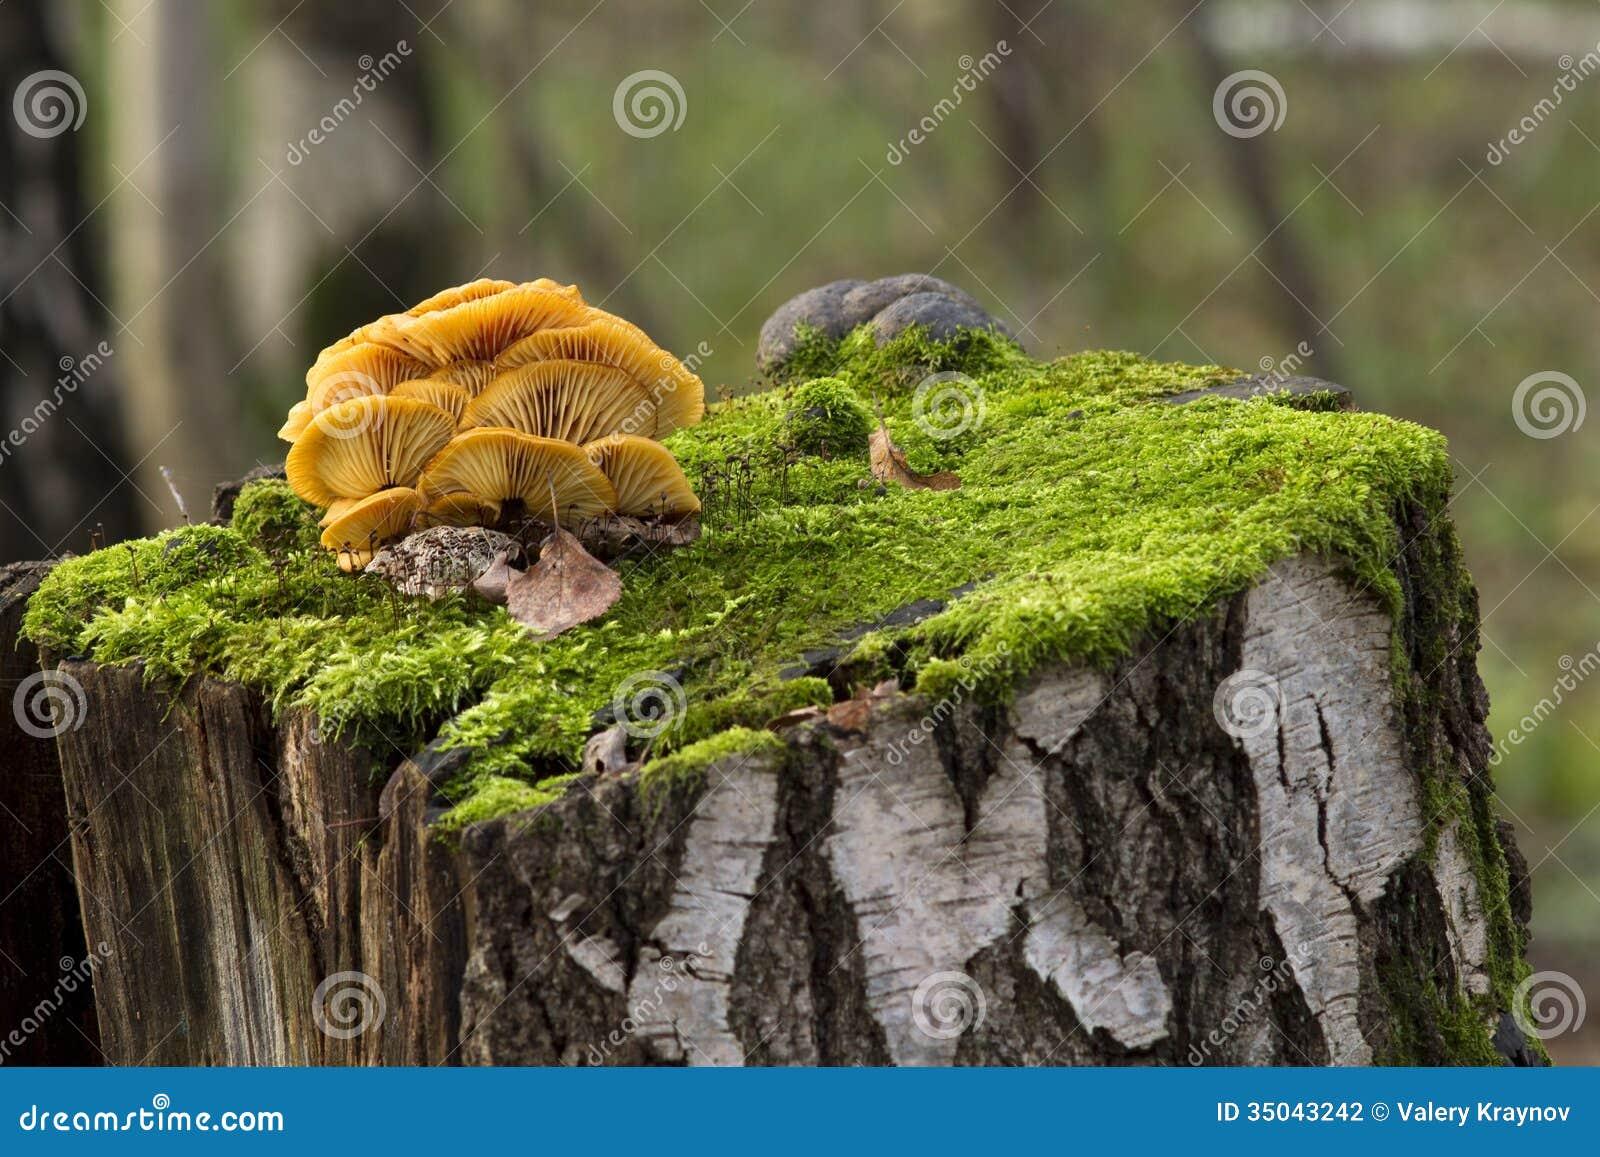 pilze wachsend auf einem baumstumpf stockfoto bild 35043242. Black Bedroom Furniture Sets. Home Design Ideas